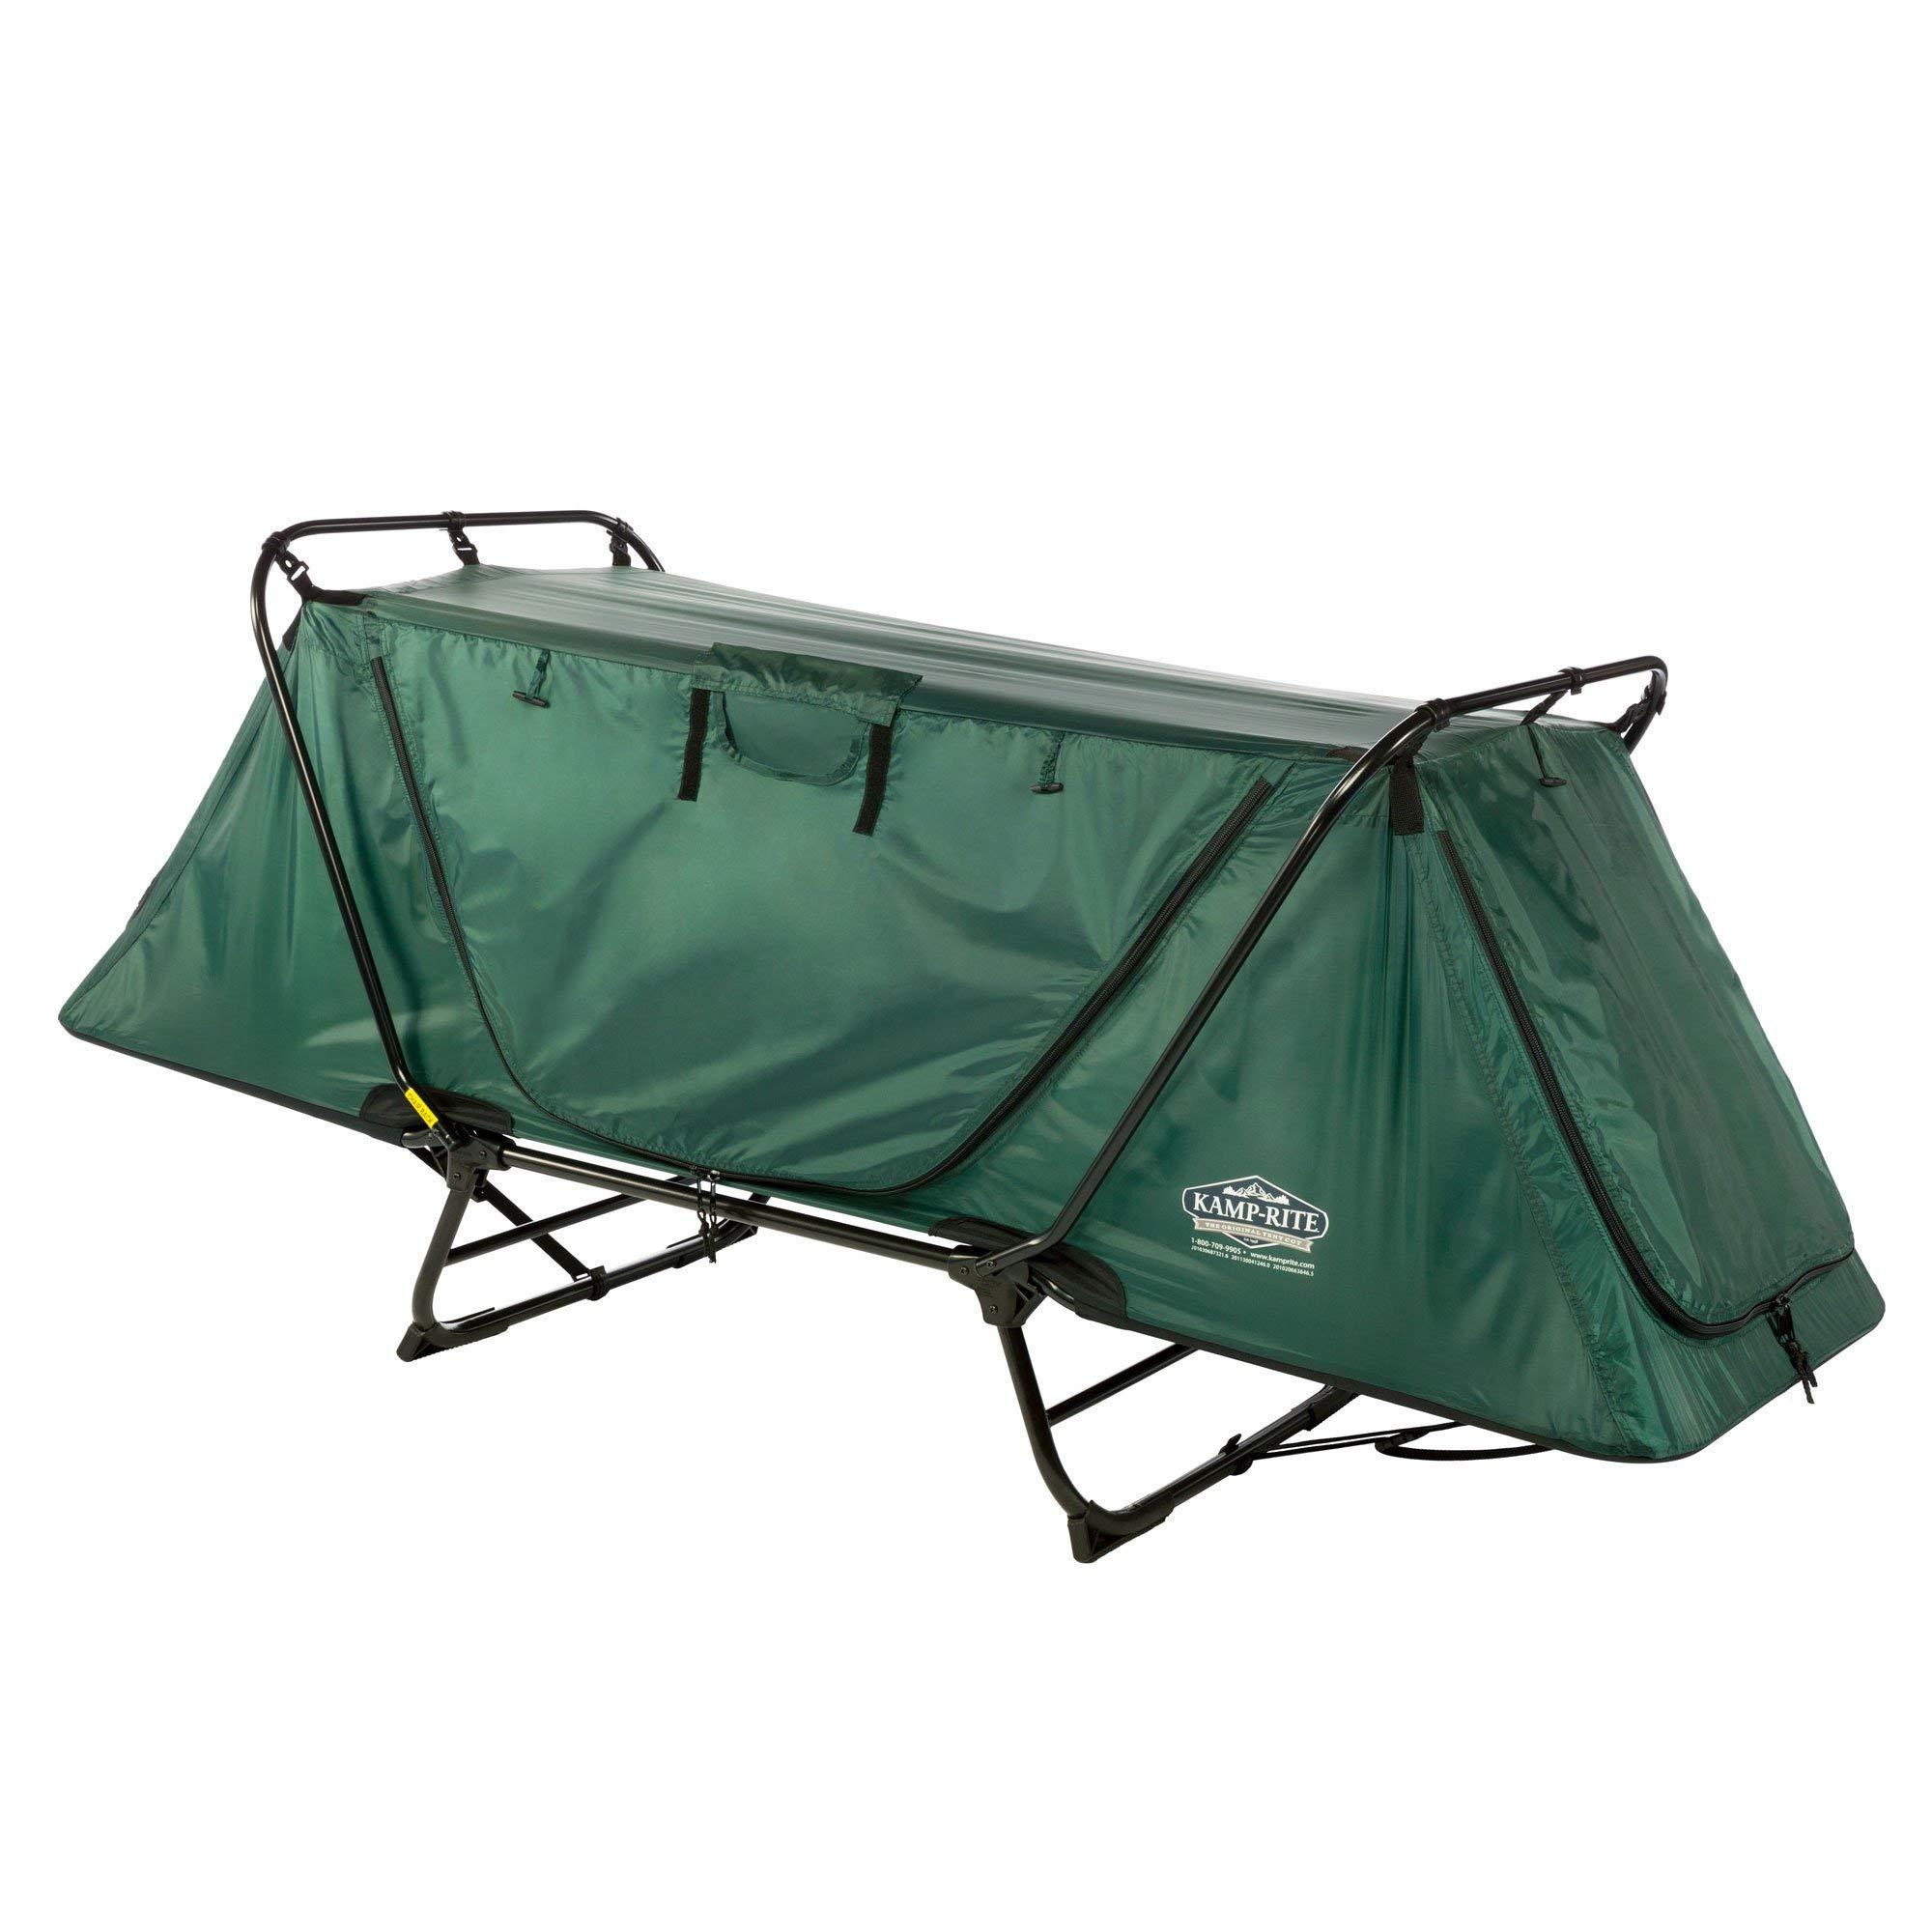 Kamp-Rite Tent Cot Original Size Tent Cot (Green) by Kamp-Rite